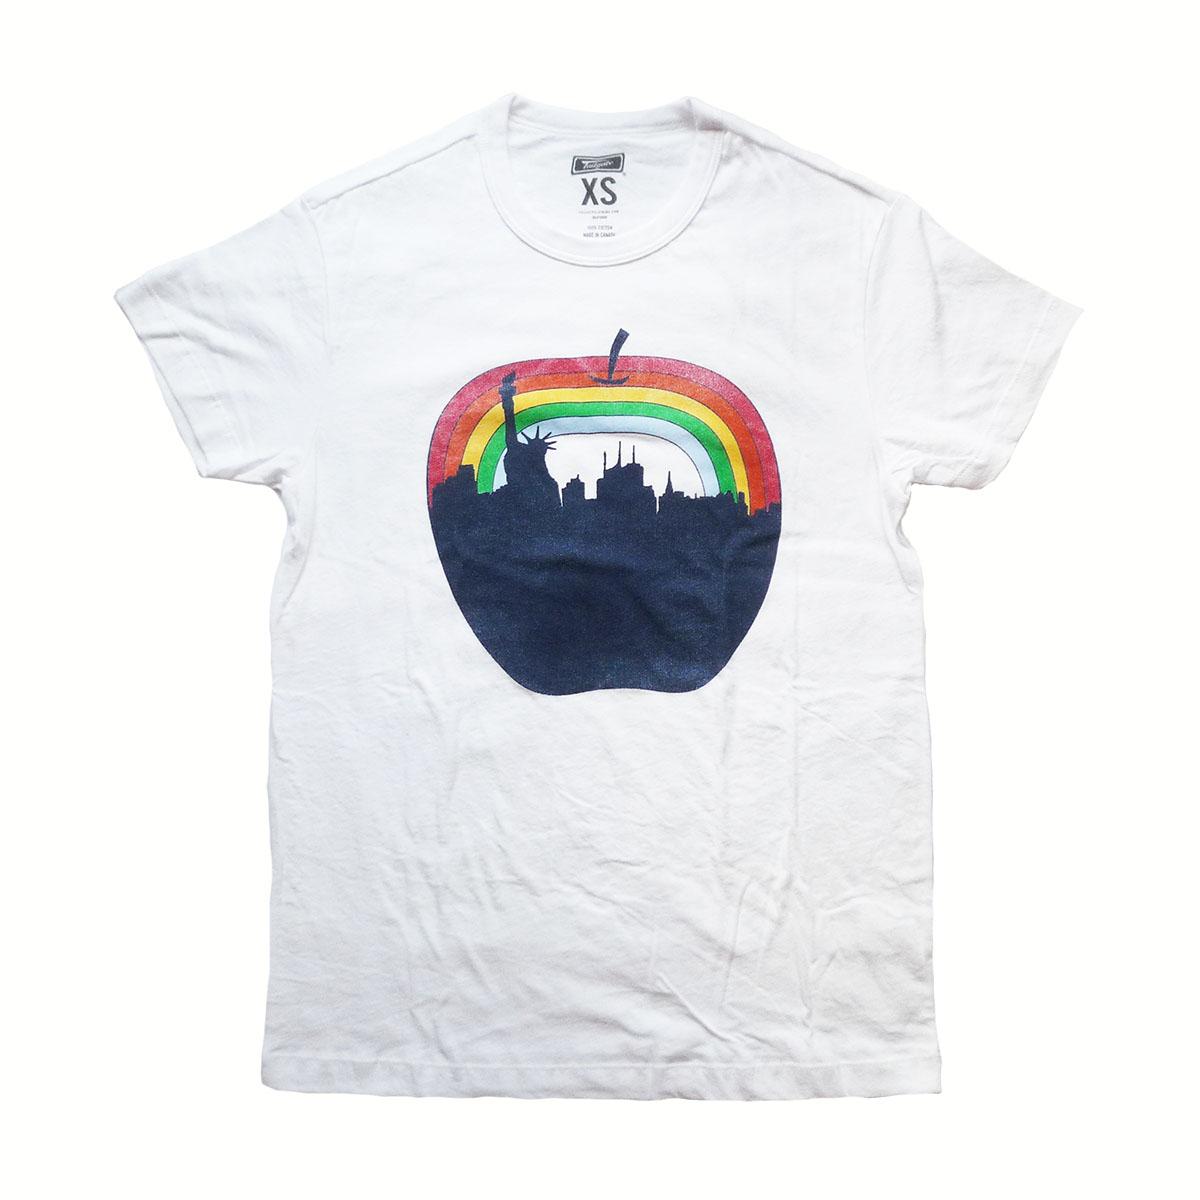 画像1: 【セール 60%OFF】TAILGATE テイルゲート NYC APPLE Tシャツ ホワイト メンズ/レディース (1)